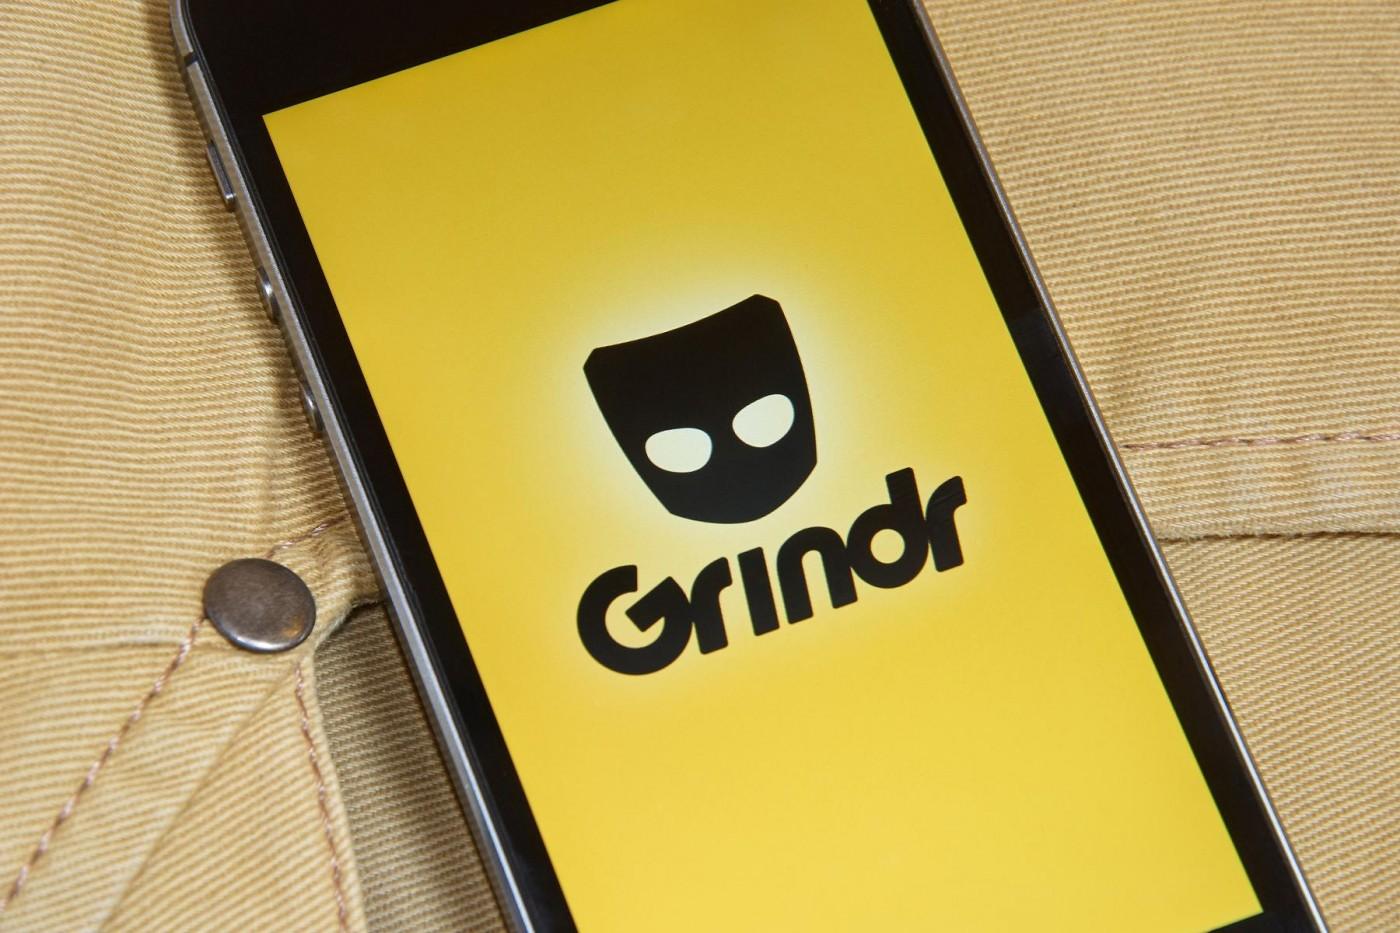 全球最大同志交友平台Grindr來台設點,年薪300萬徵求頂尖工程師